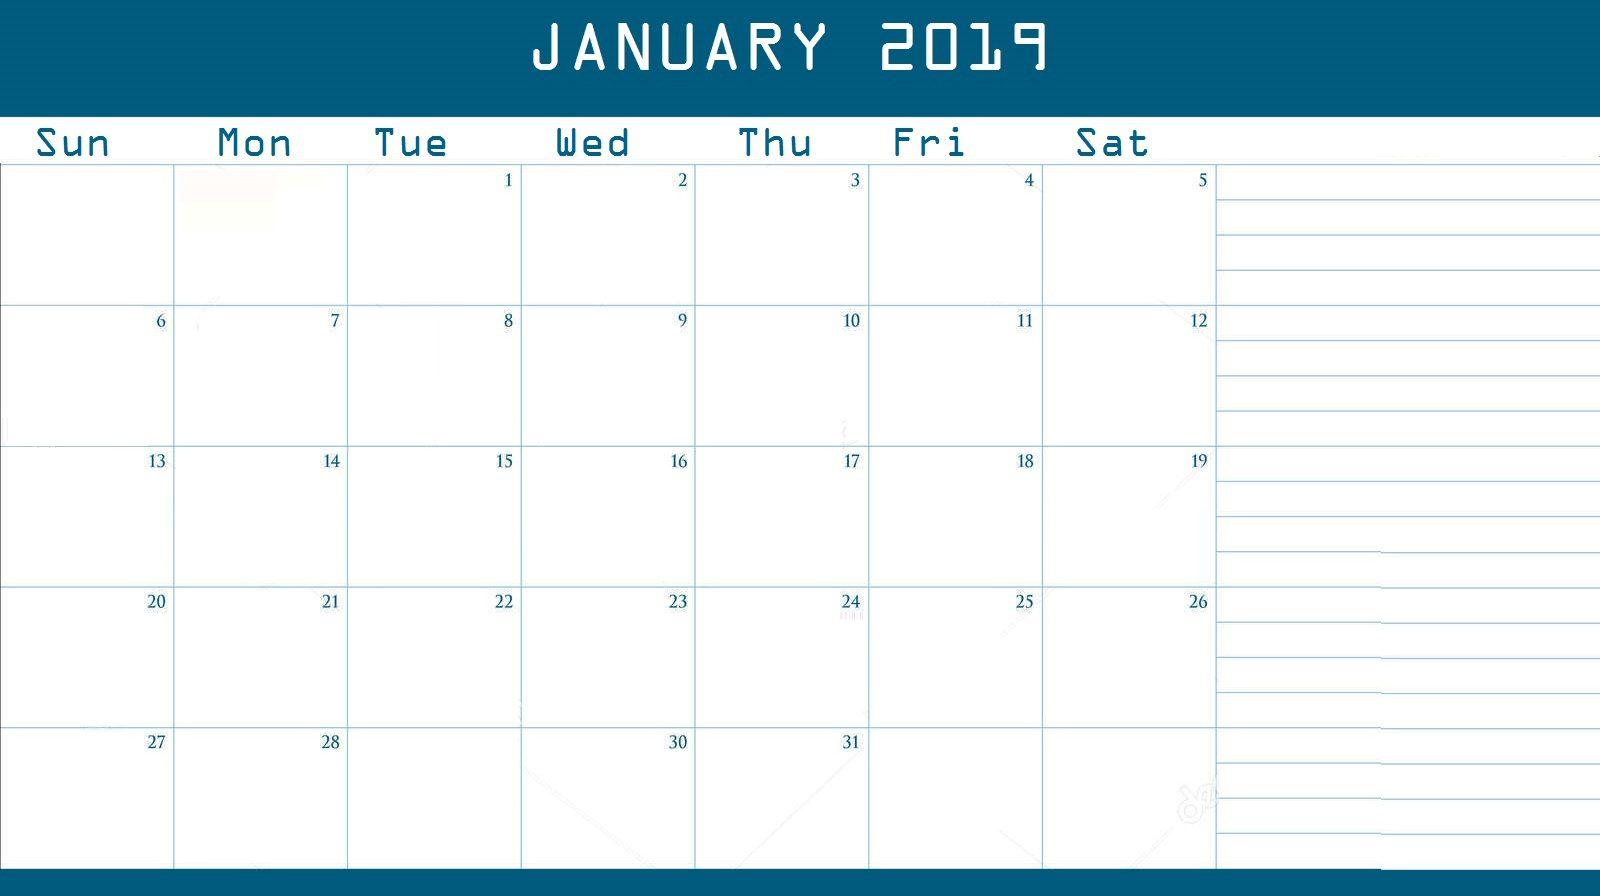 Blank January 2019 Desk Calendar